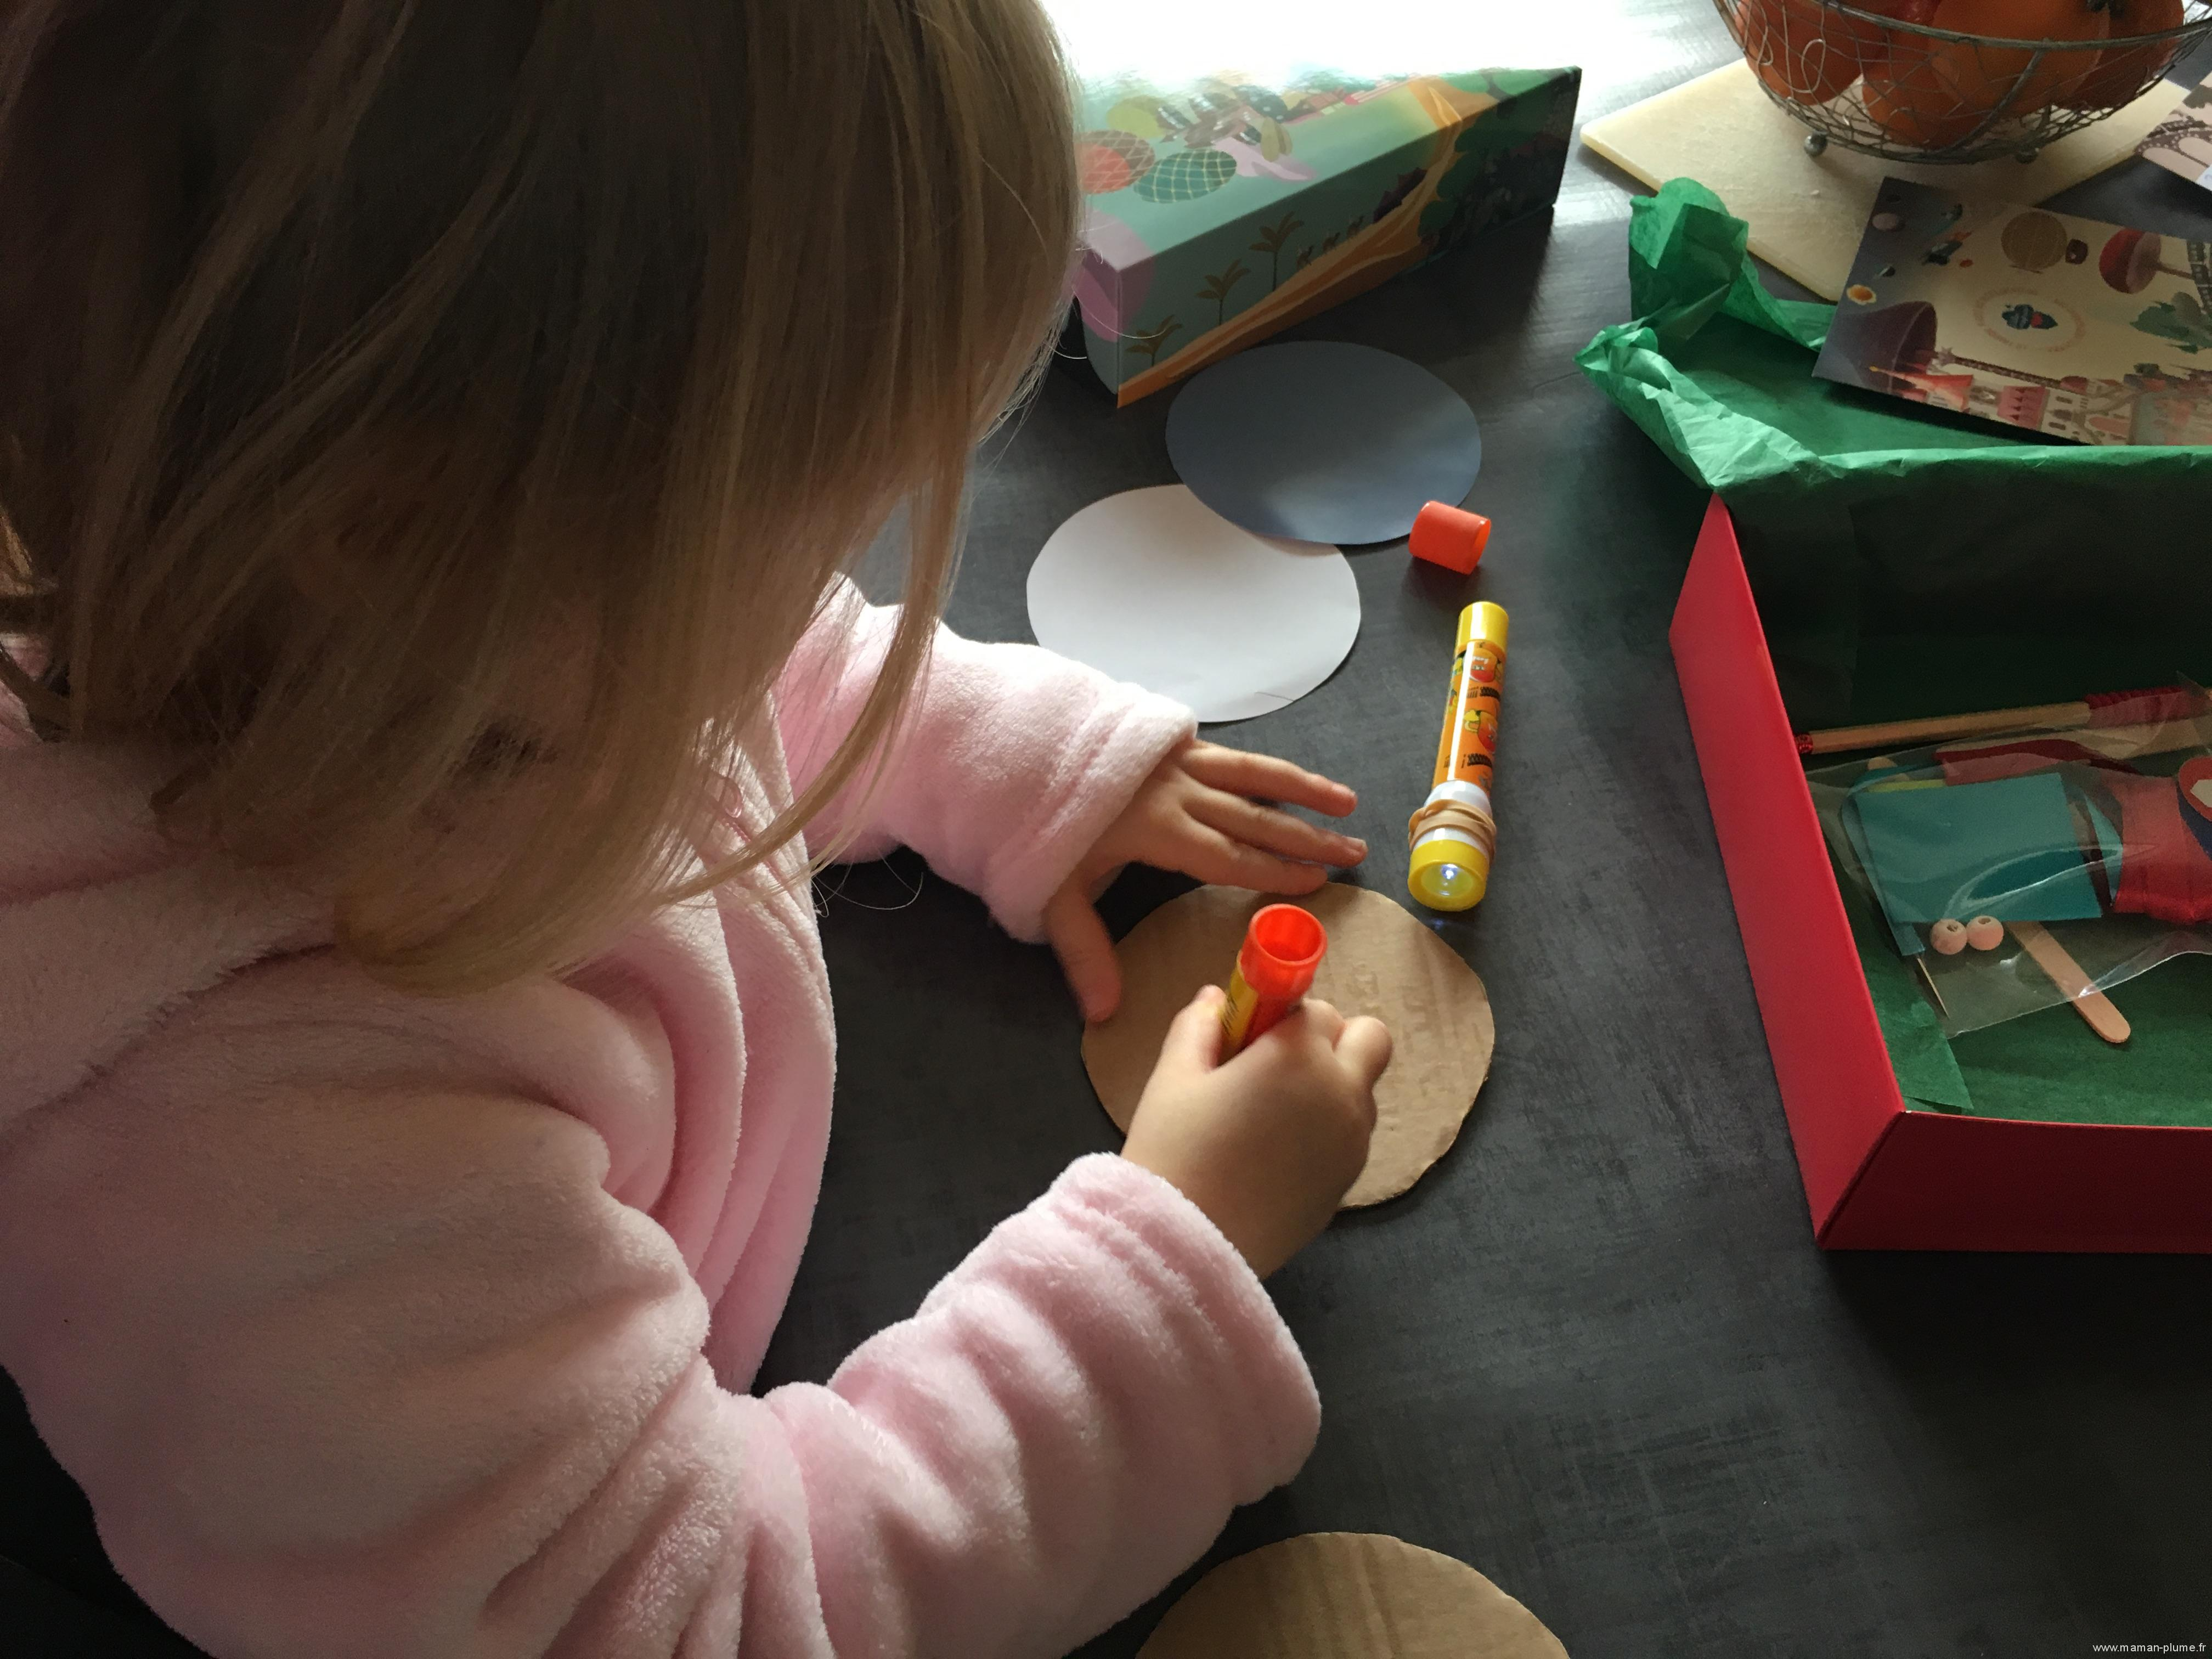 L'atelier imaginaire, une jolie box créative